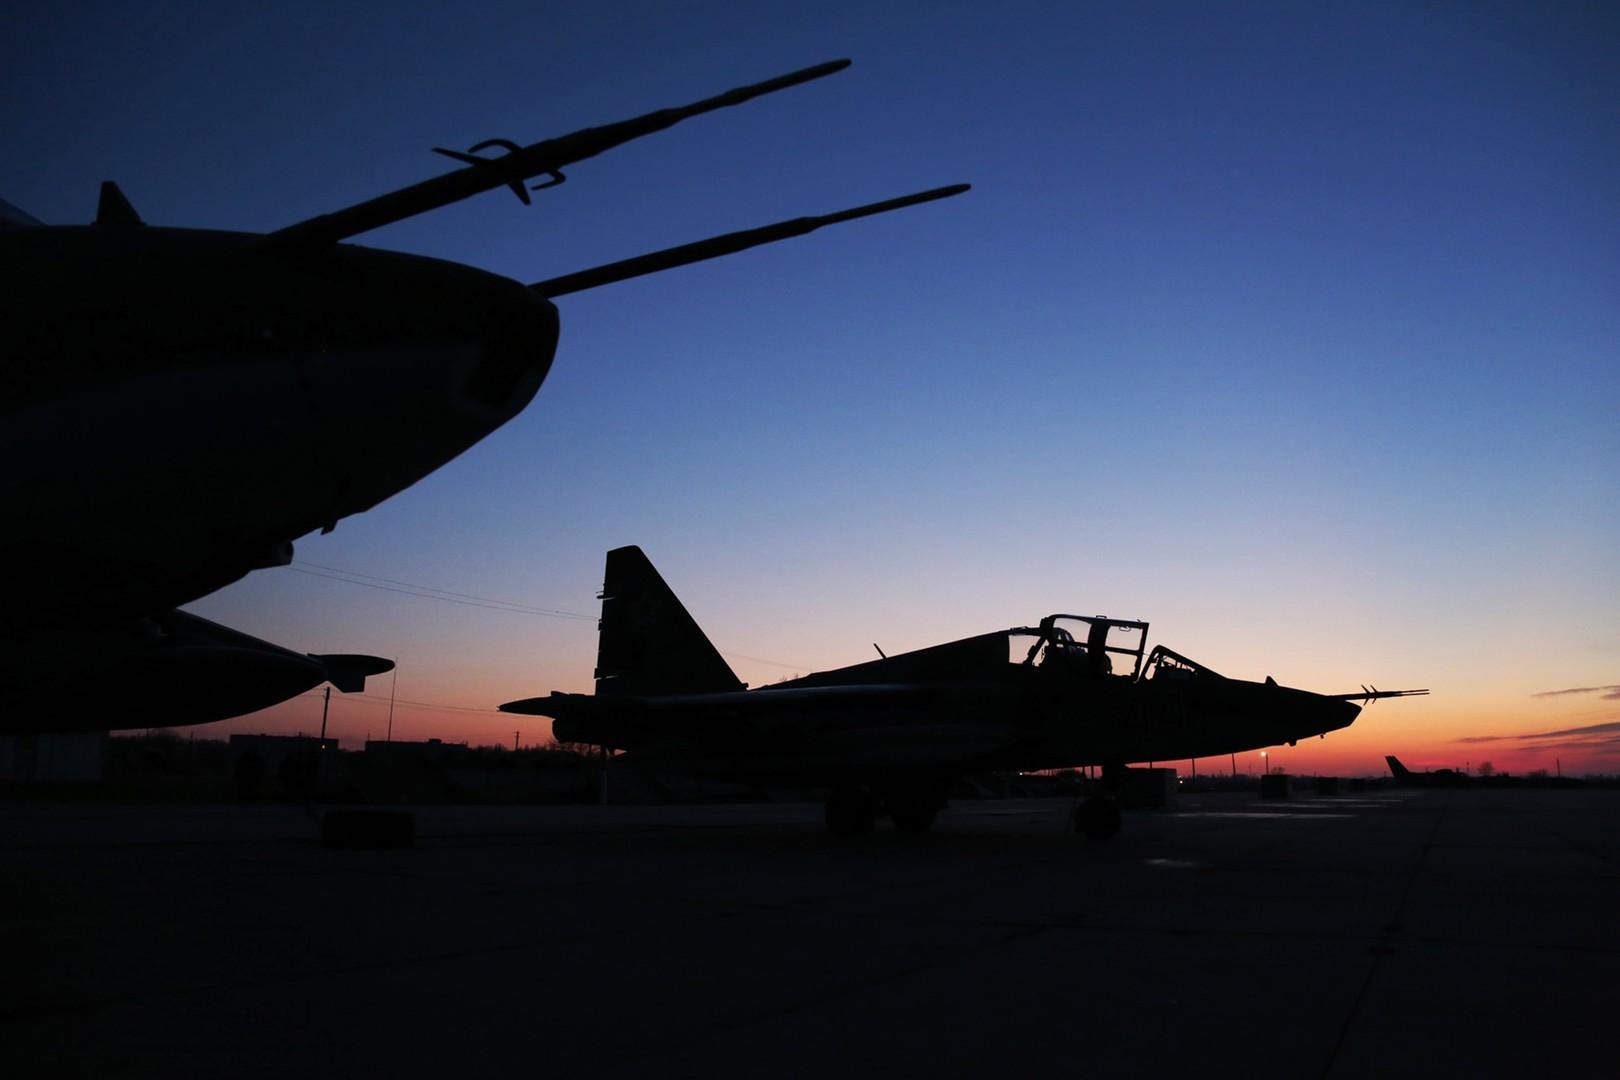 روسيا: لن نتسامح للأبد مع وجود الإرهابيين في إدلب وسندمر مواقع انطلاق الهجمات على قاعدتنا